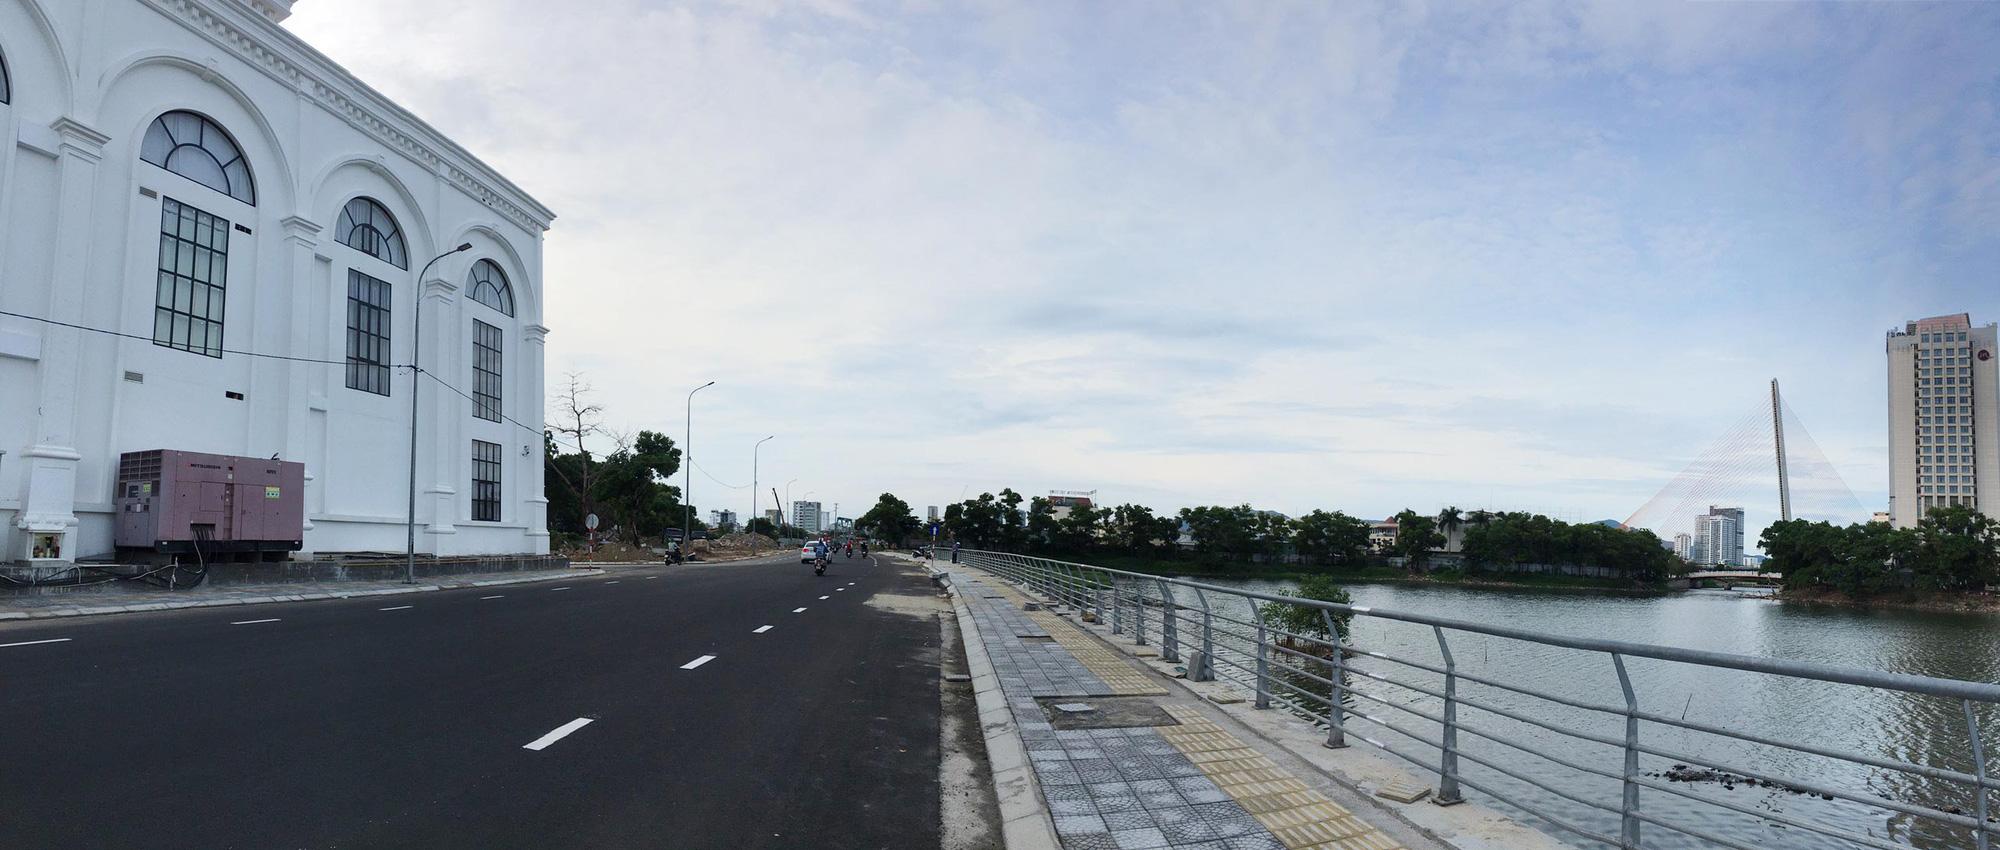 Cầu vượt đường 2 tháng 9 Đà Nẵng thành hình sau 15 tháng thi công - Ảnh 13.